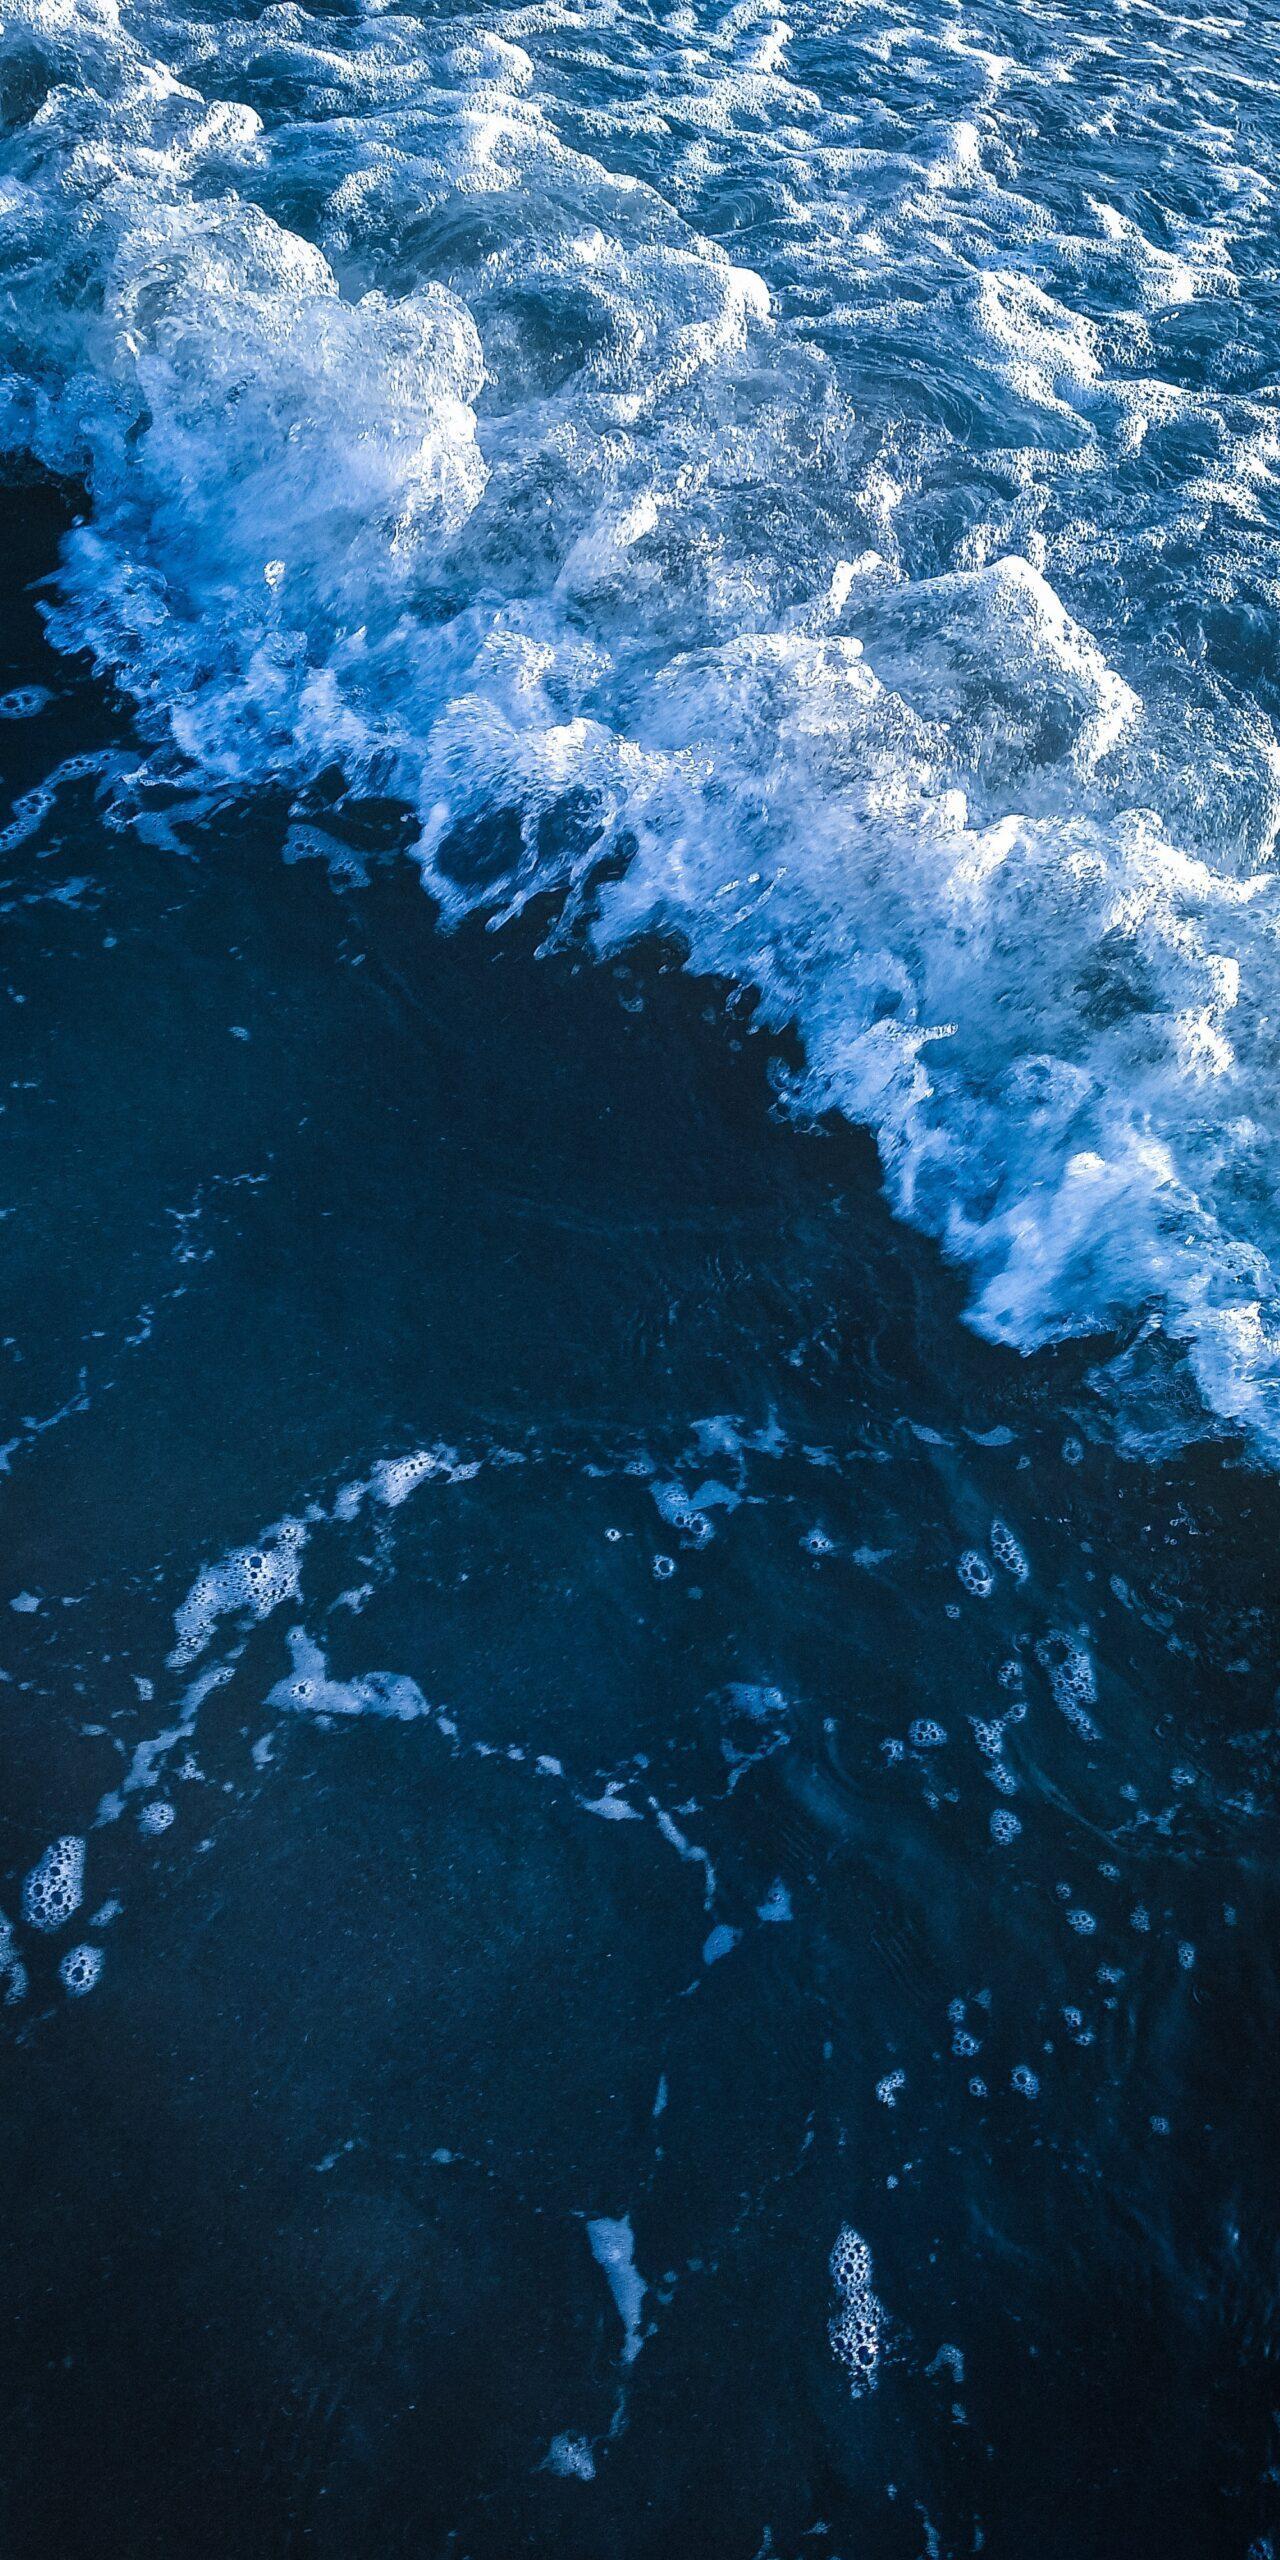 aditya-visave-ocean below shot